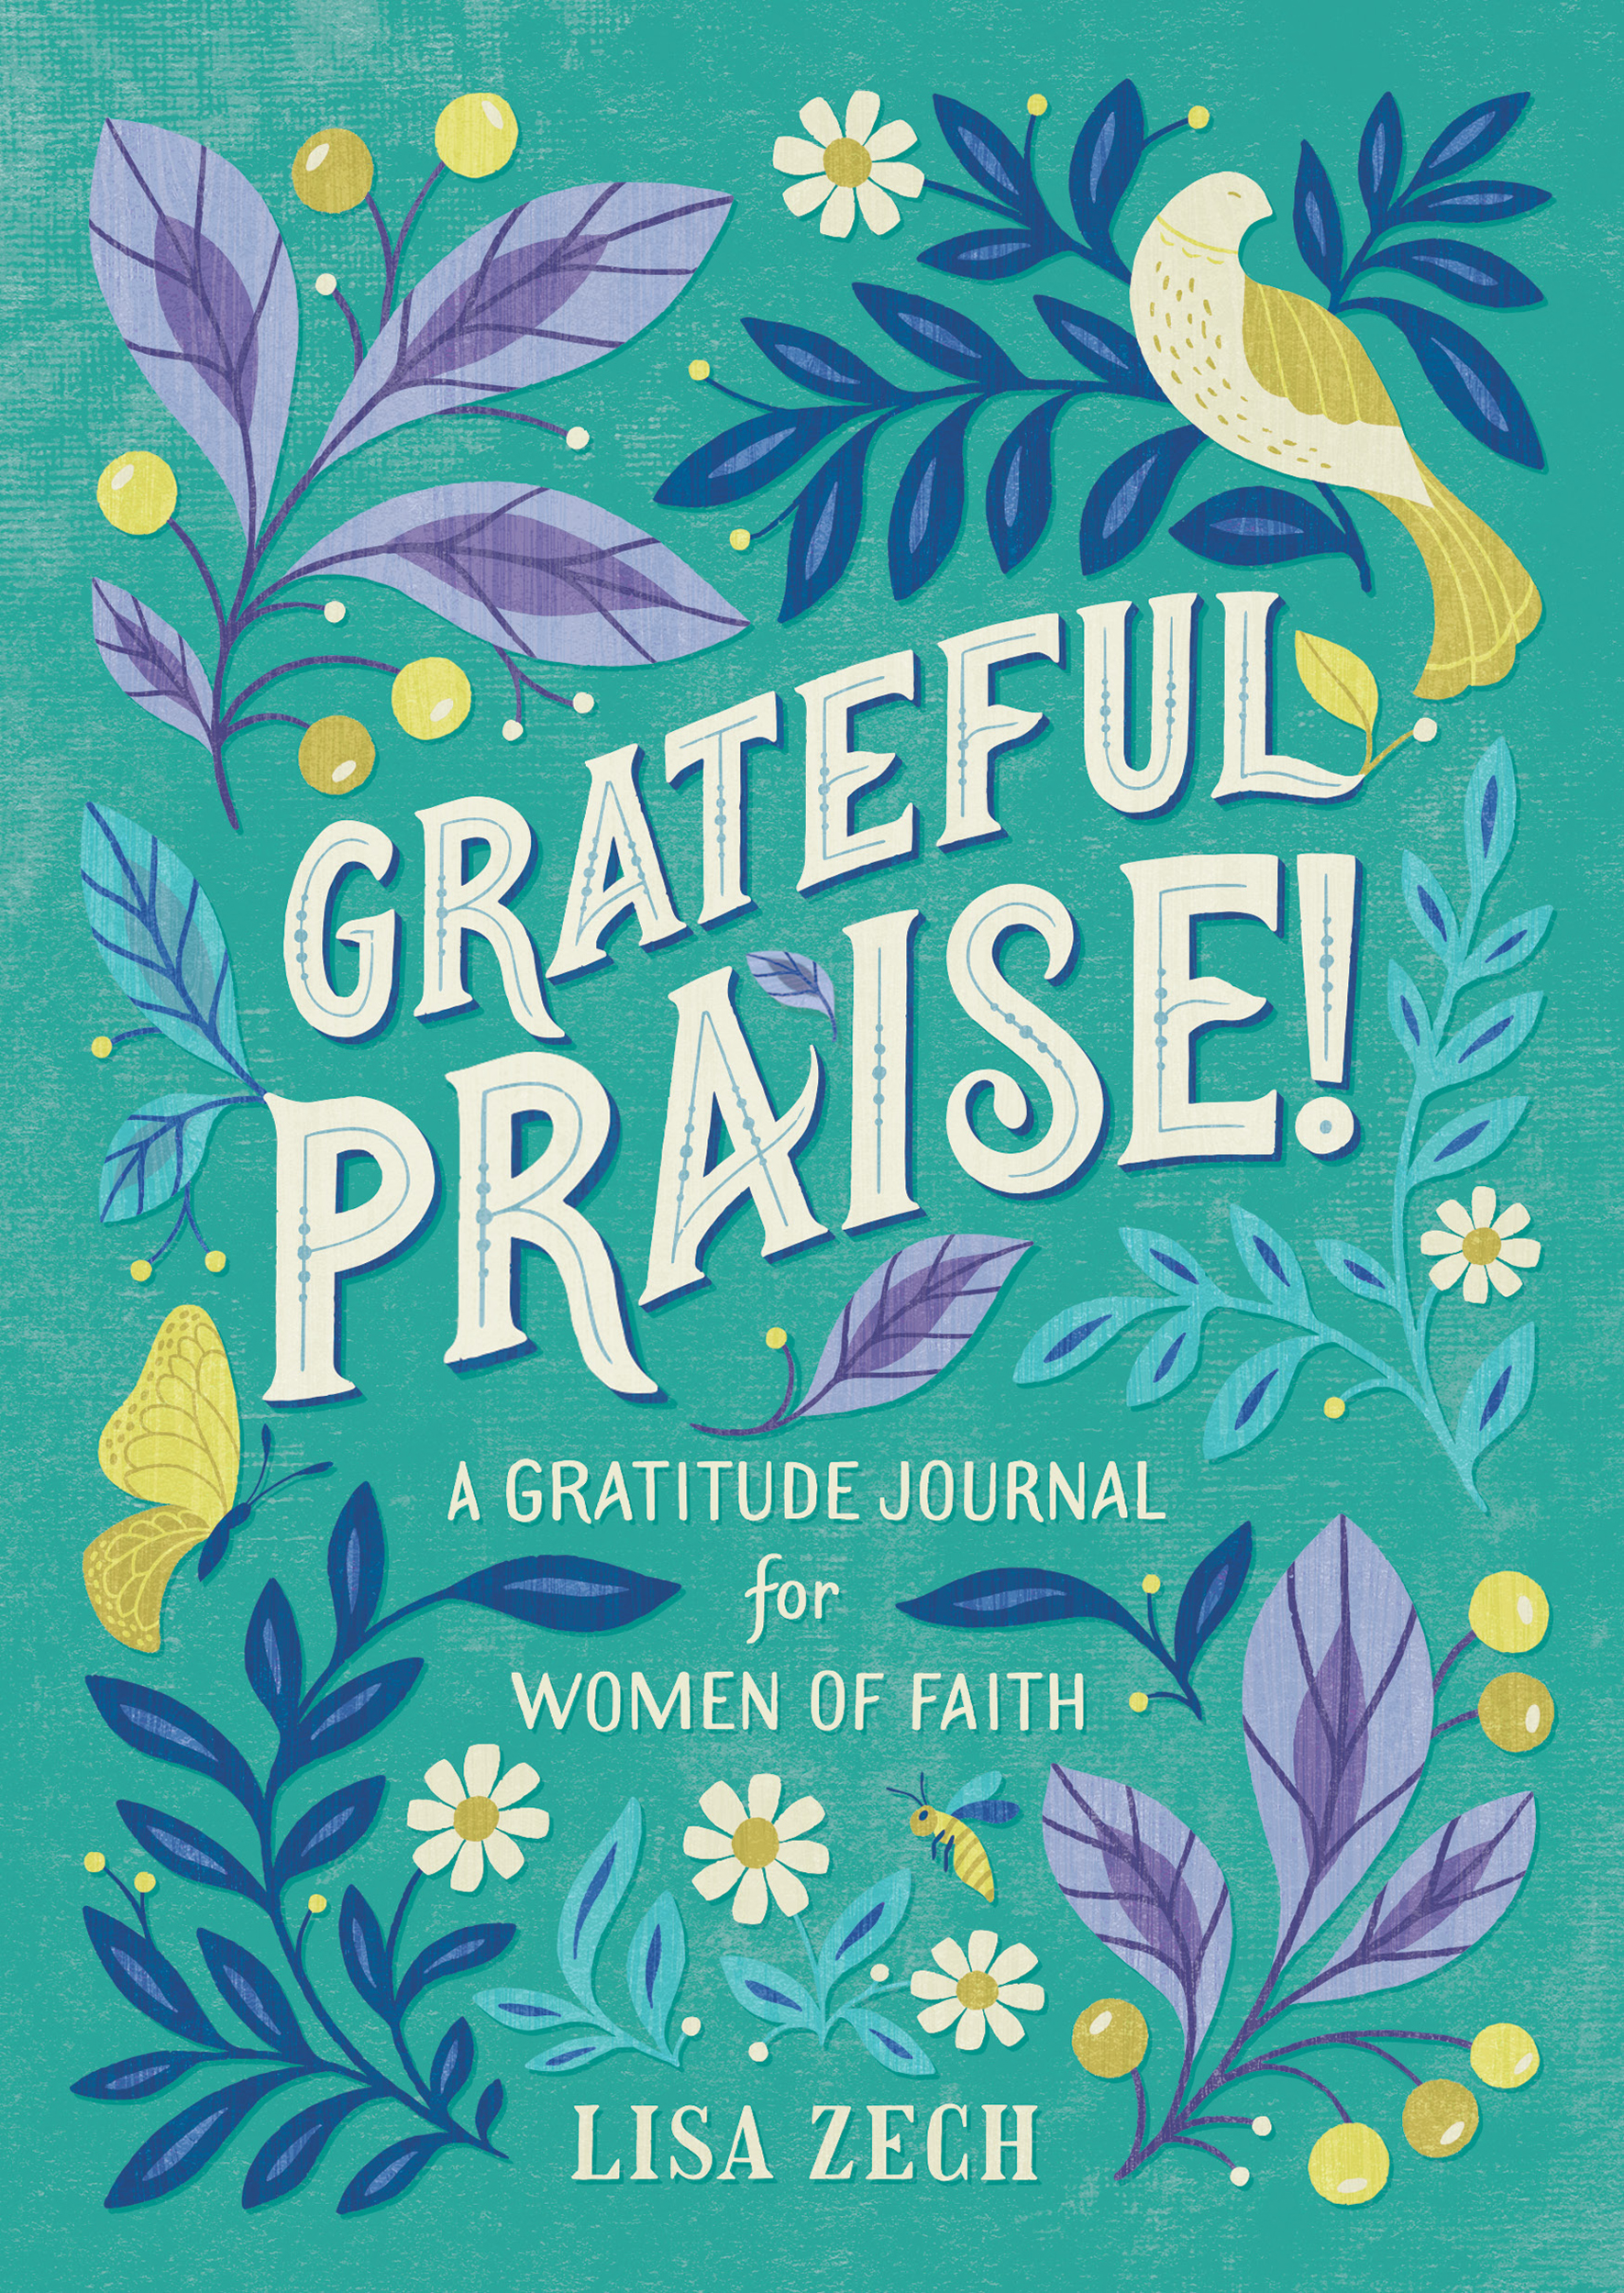 GratefulPraise_9781641523349_AppleAmazon.jpg